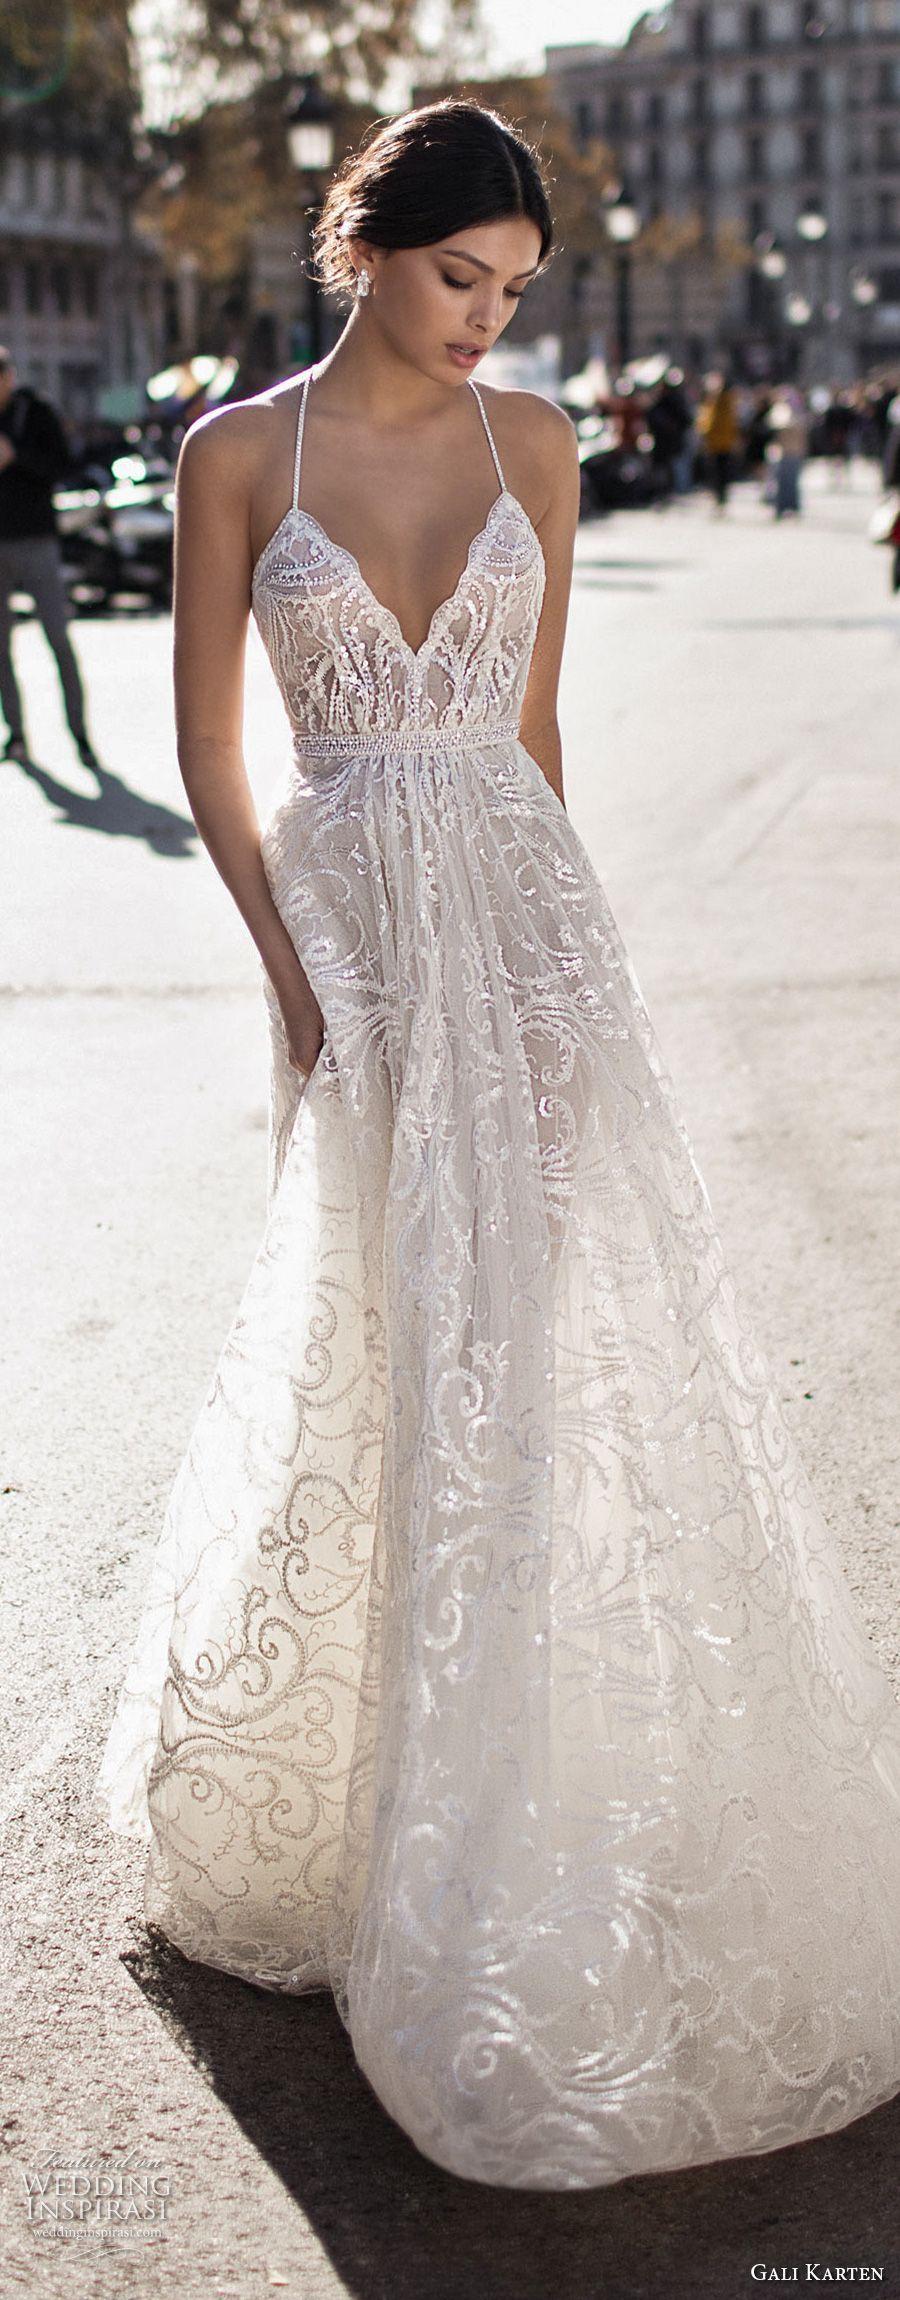 Hochzeit: Ideen und Inspirationen für das Kleid #hochzeit #trauung ...